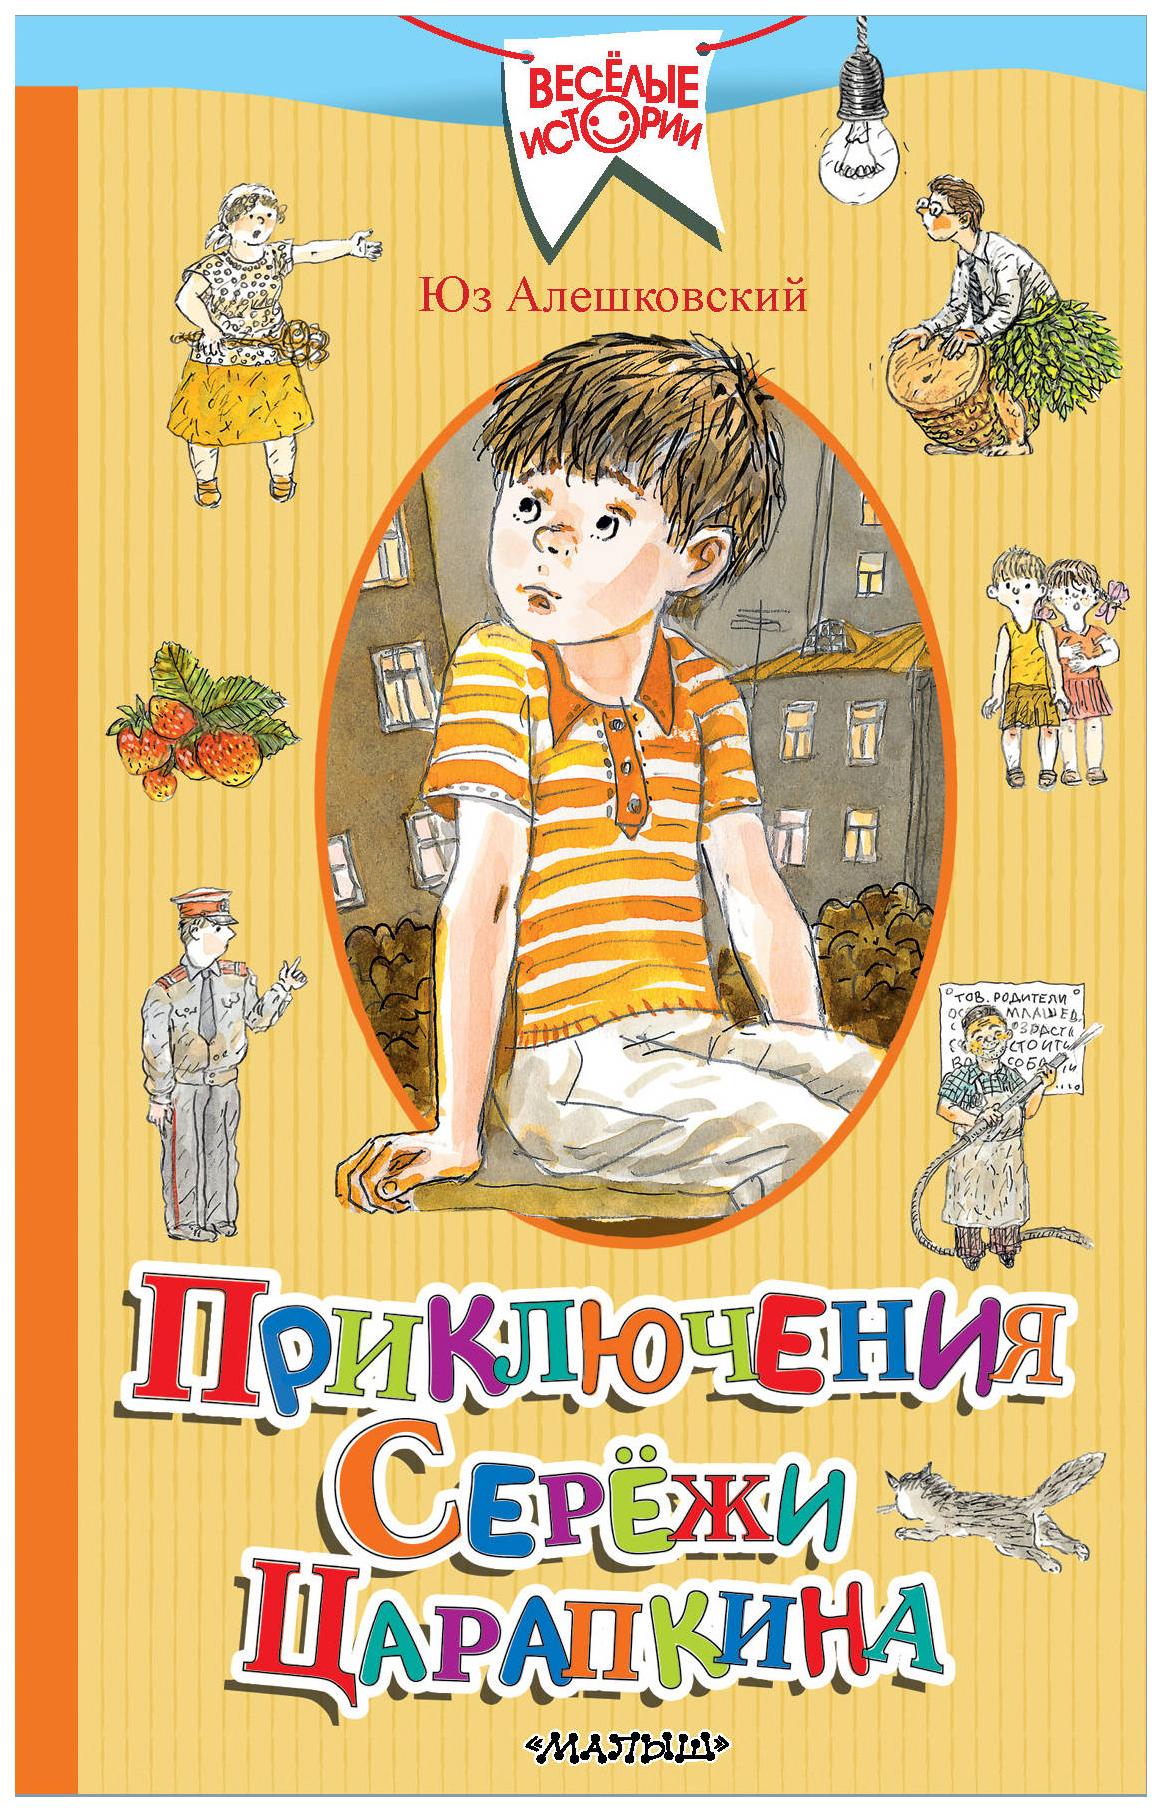 АСТ / Приключения Сережи Царапкина